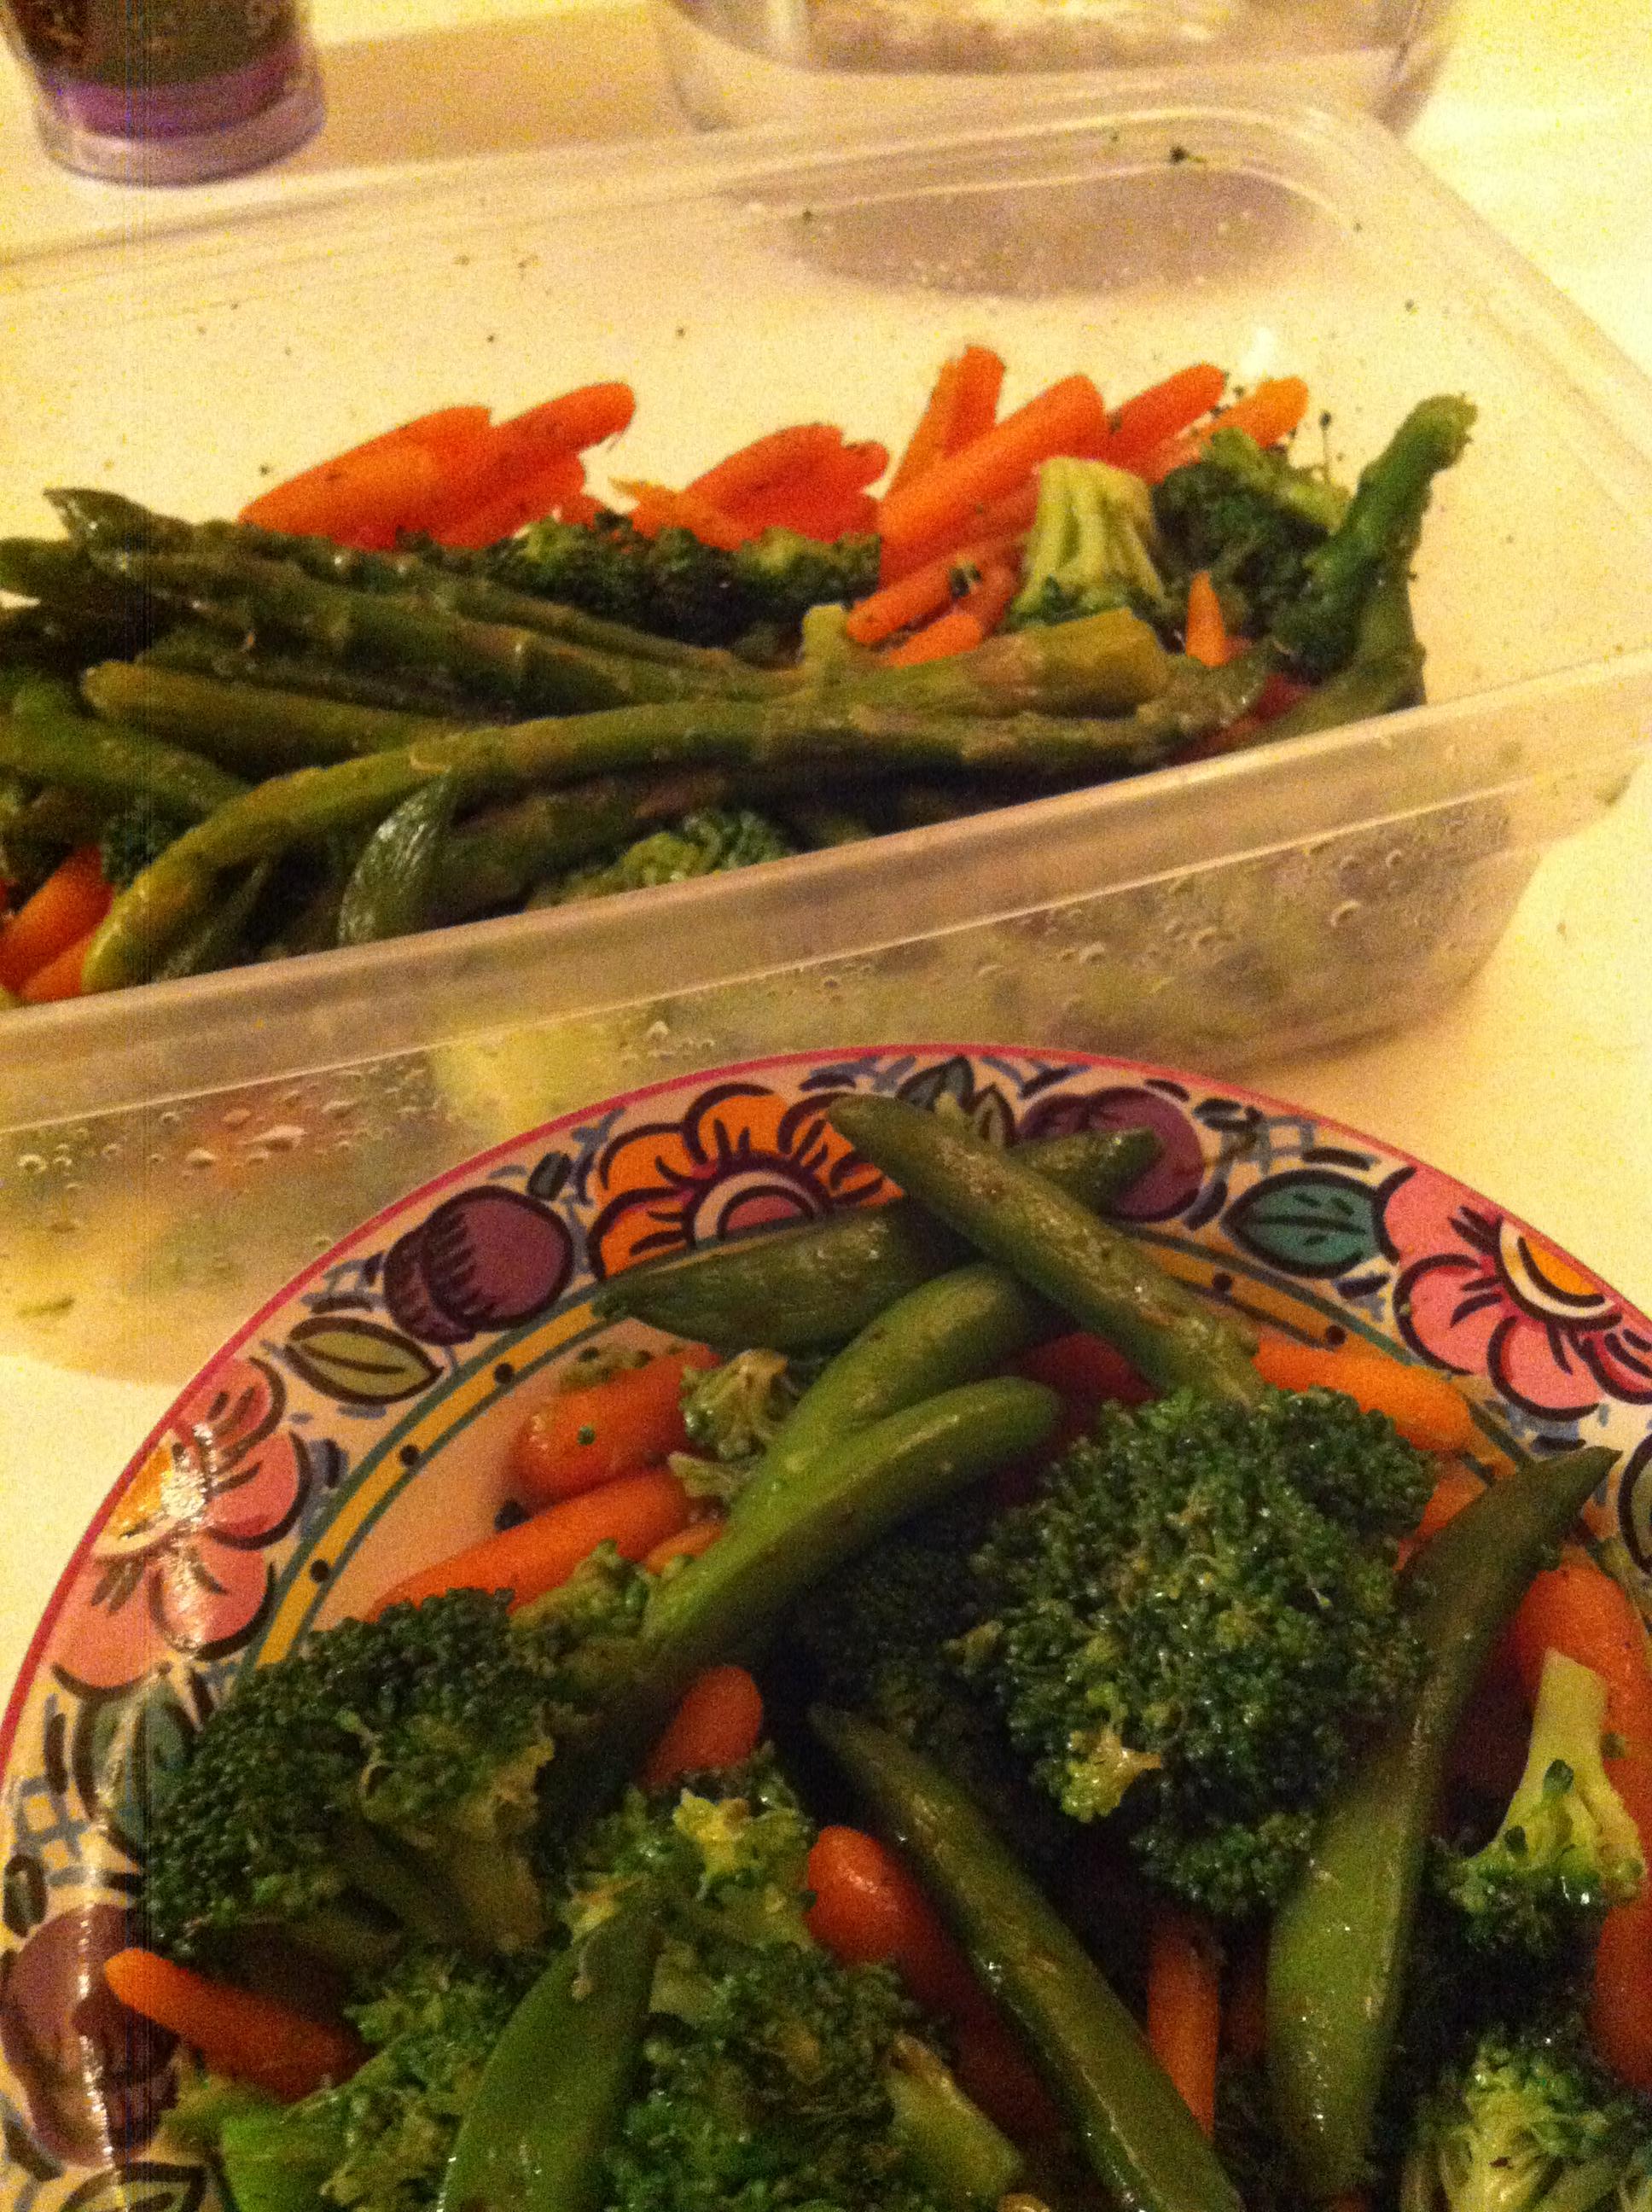 Seasoned Blanched Veggies